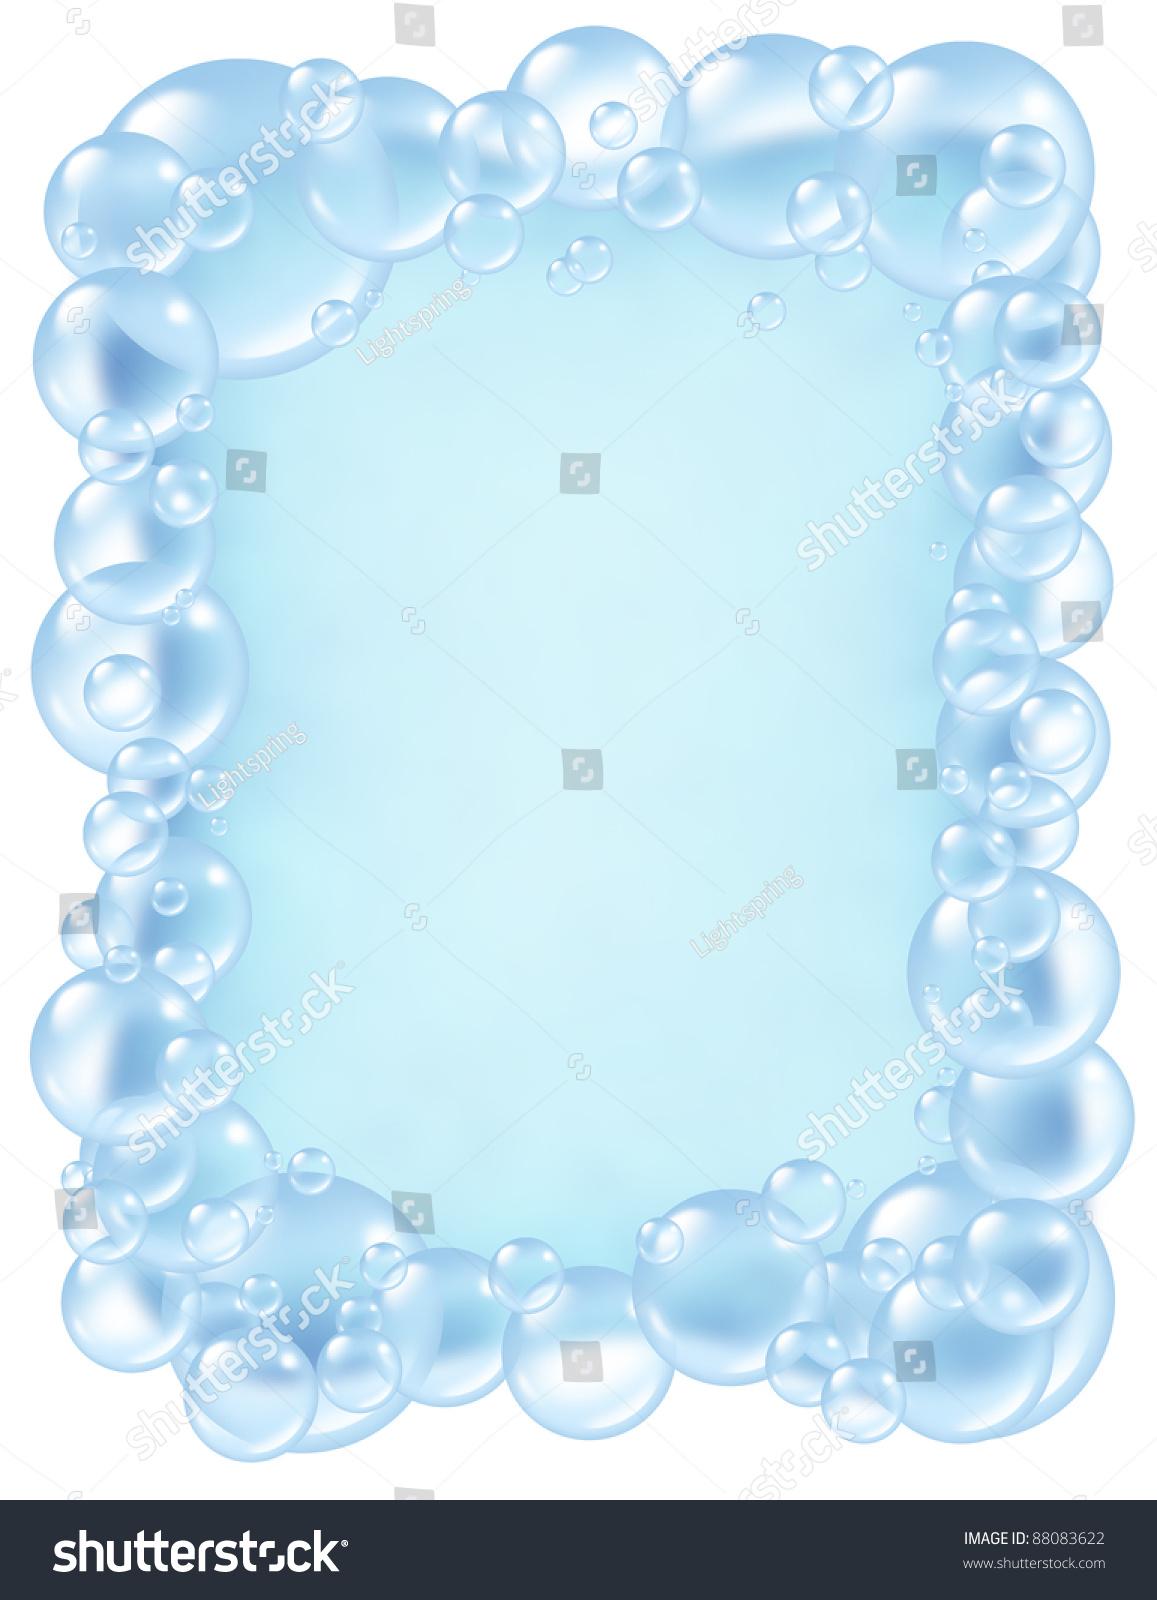 Bubbles Frame Transparent Bath Soap Suds Stock ...